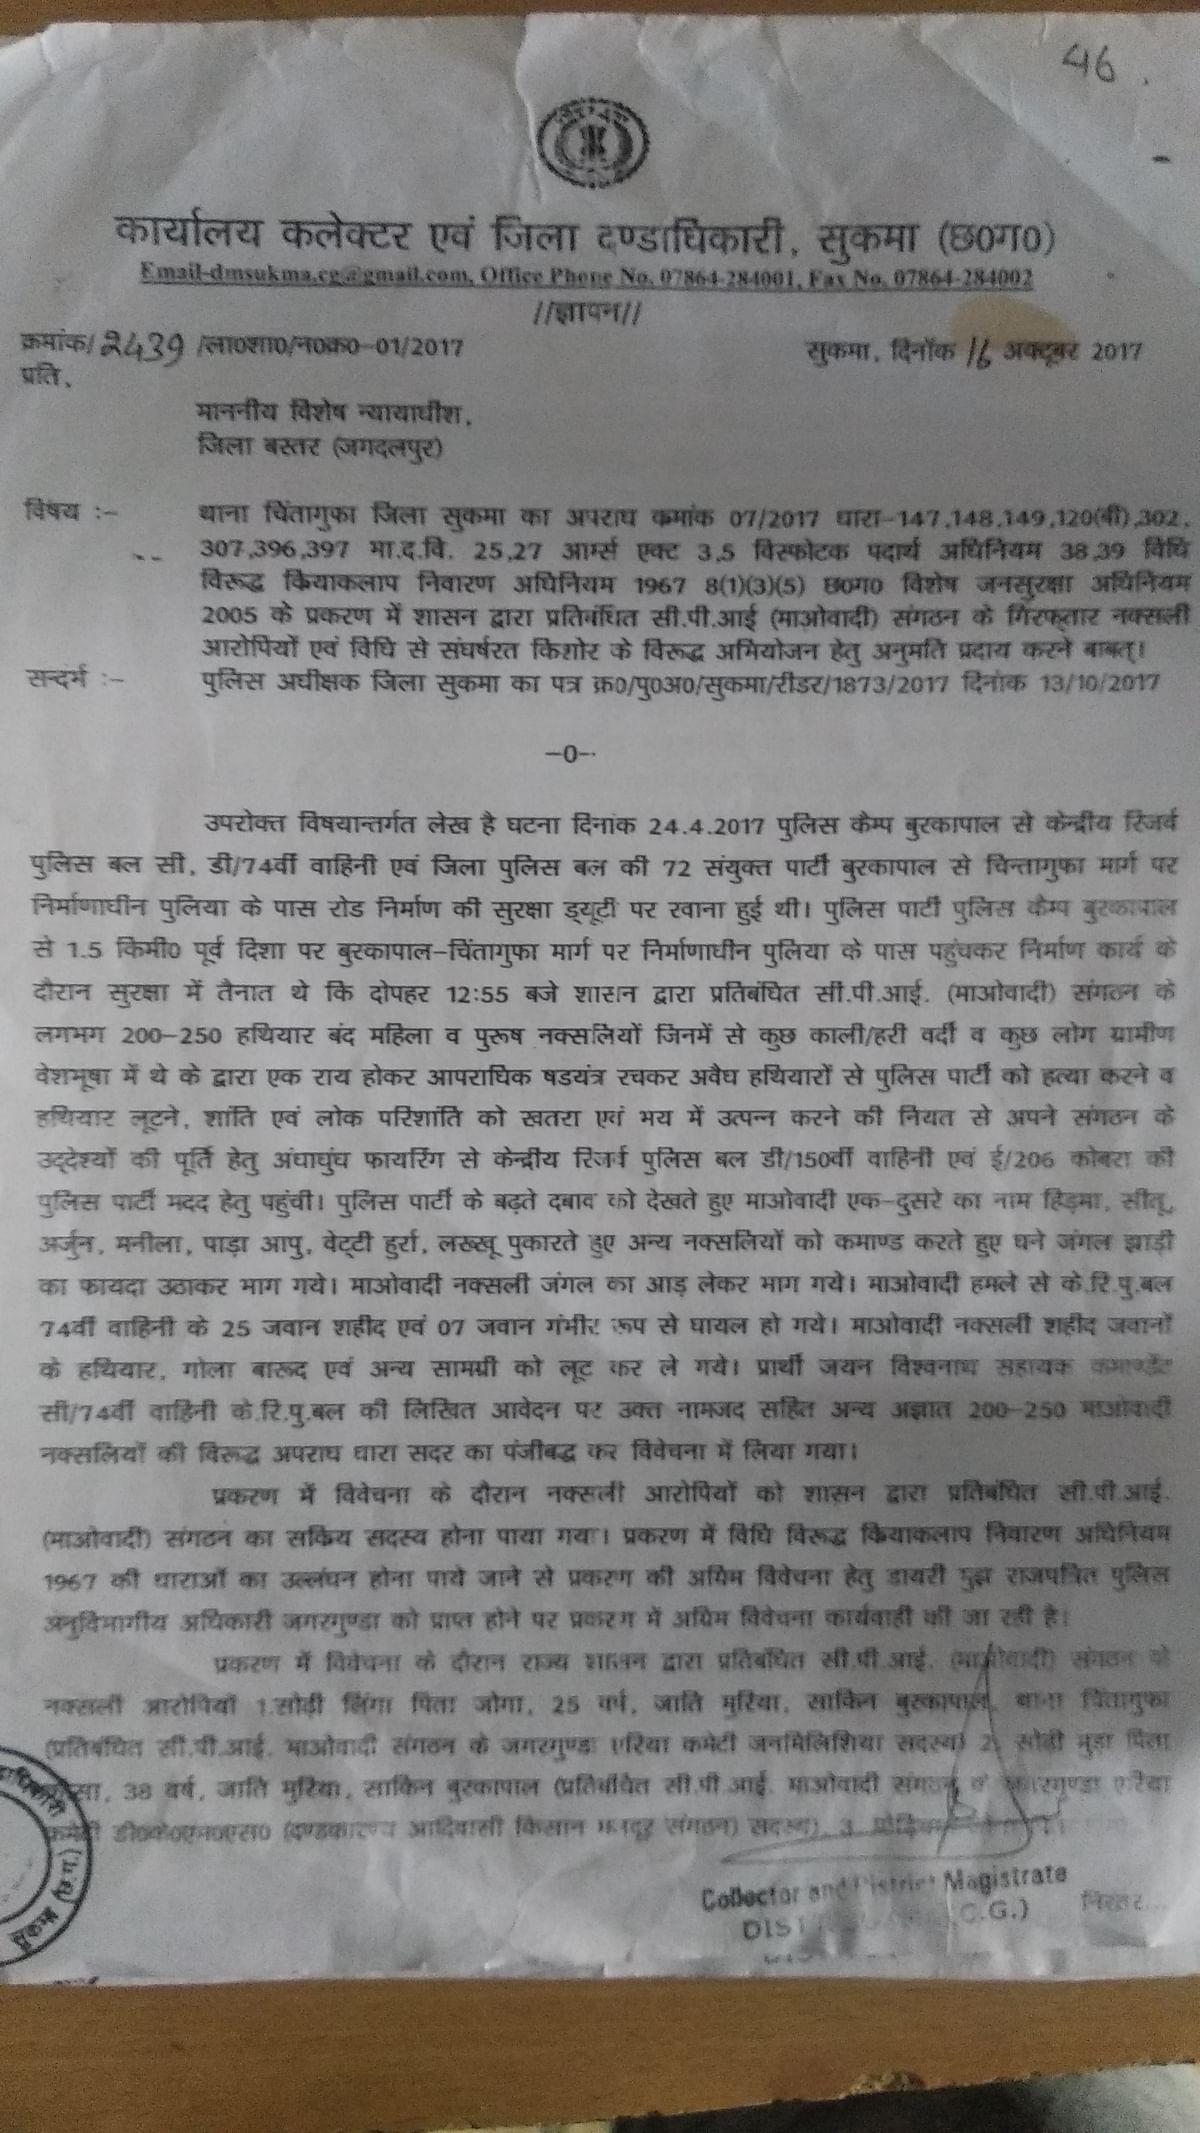 प्रशासन का पत्र जिसमें उन्होंने नक्सलियों के एक दूसरे का नाम पुकारने का जिक्र कर रहे है.